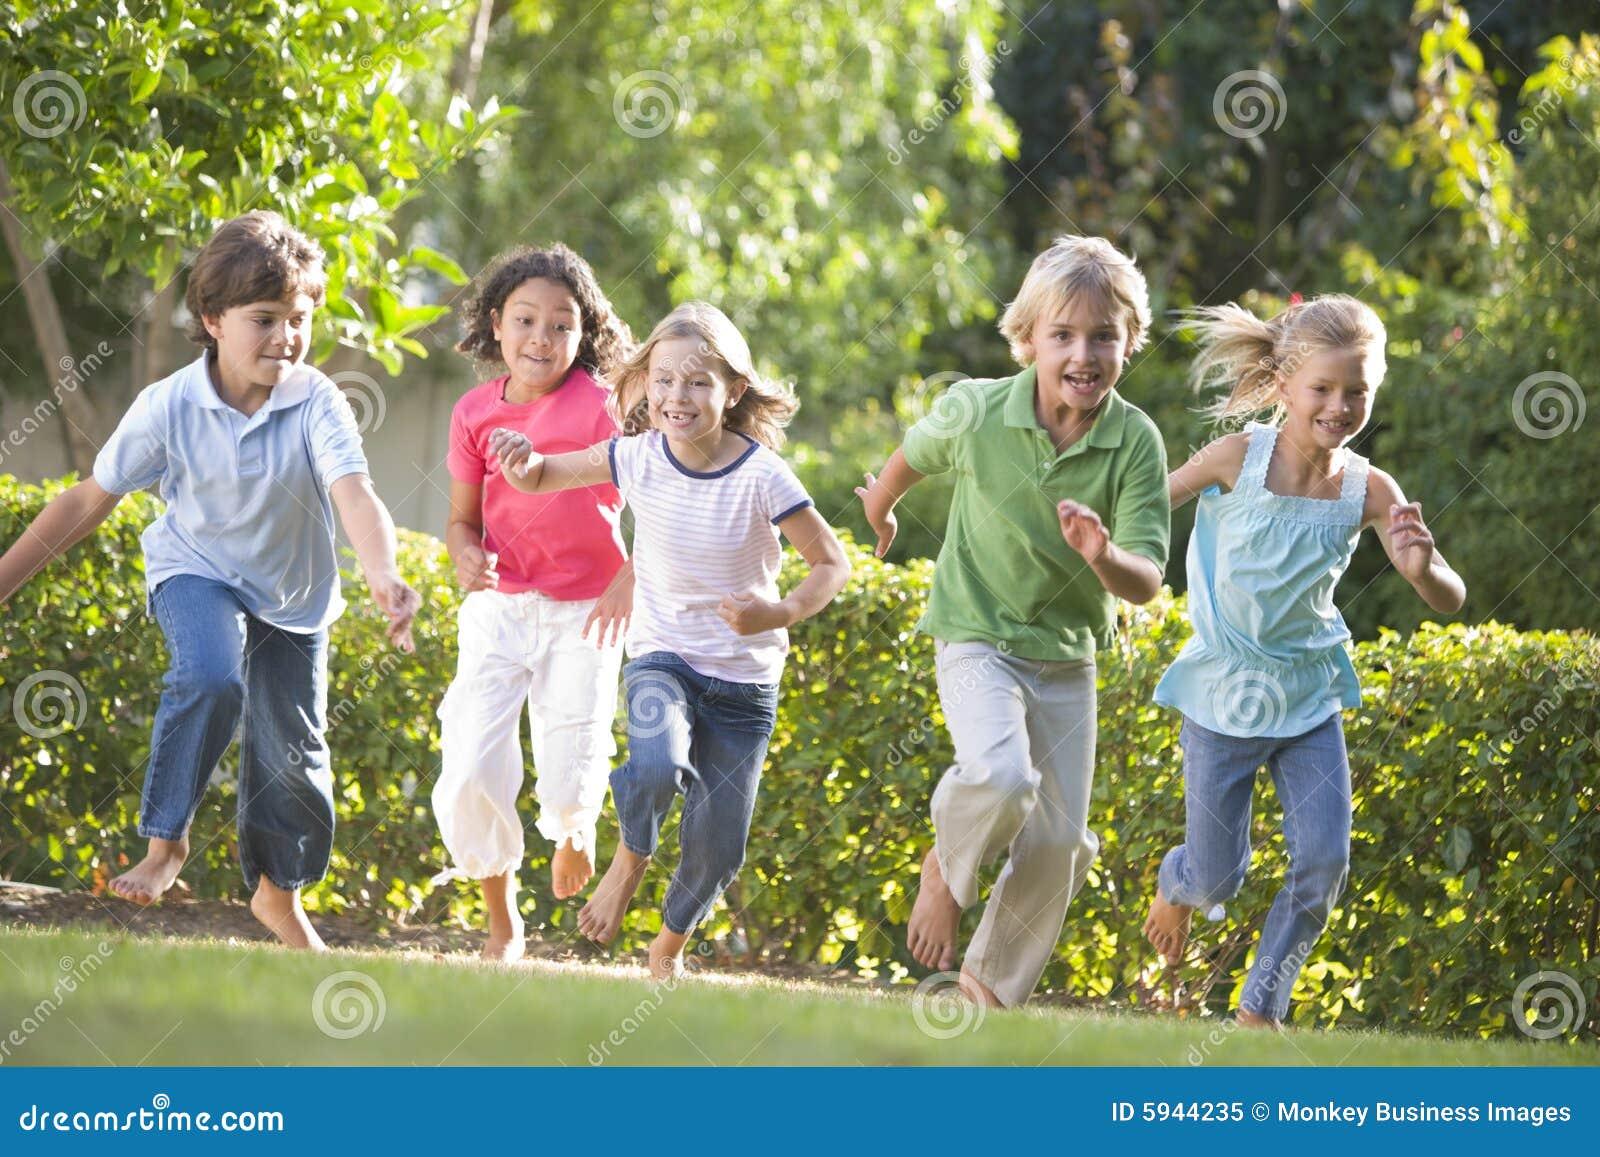 Pięciu przyjaciół na dworze jest młody uśmiechniętych